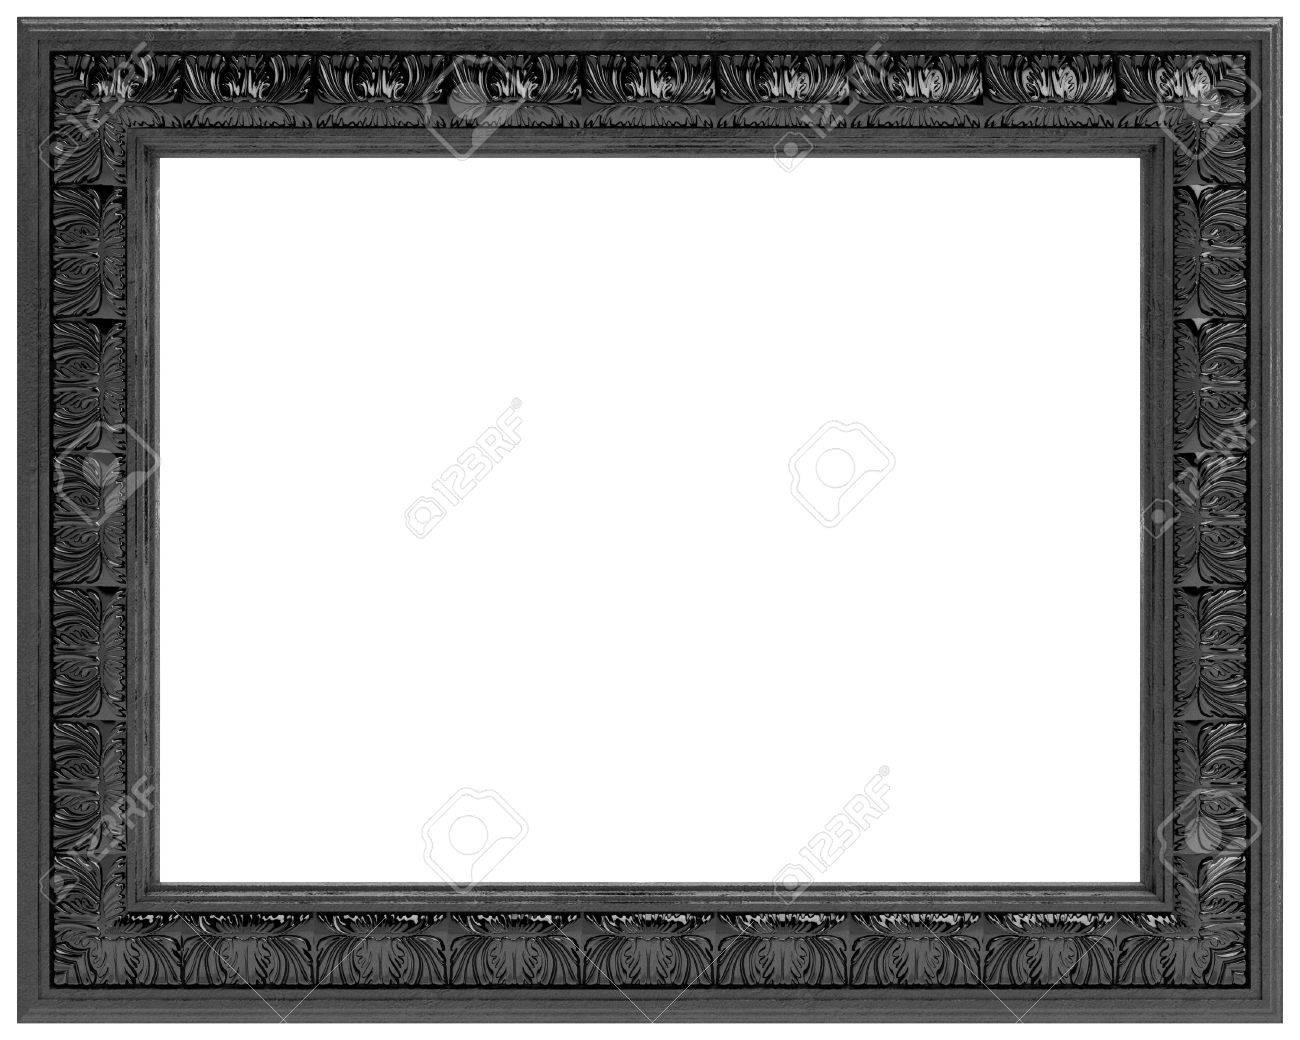 Schwarz Geschnitzten Rahmen Für Einen Spiegel Auf Weißem Hintergrund ...